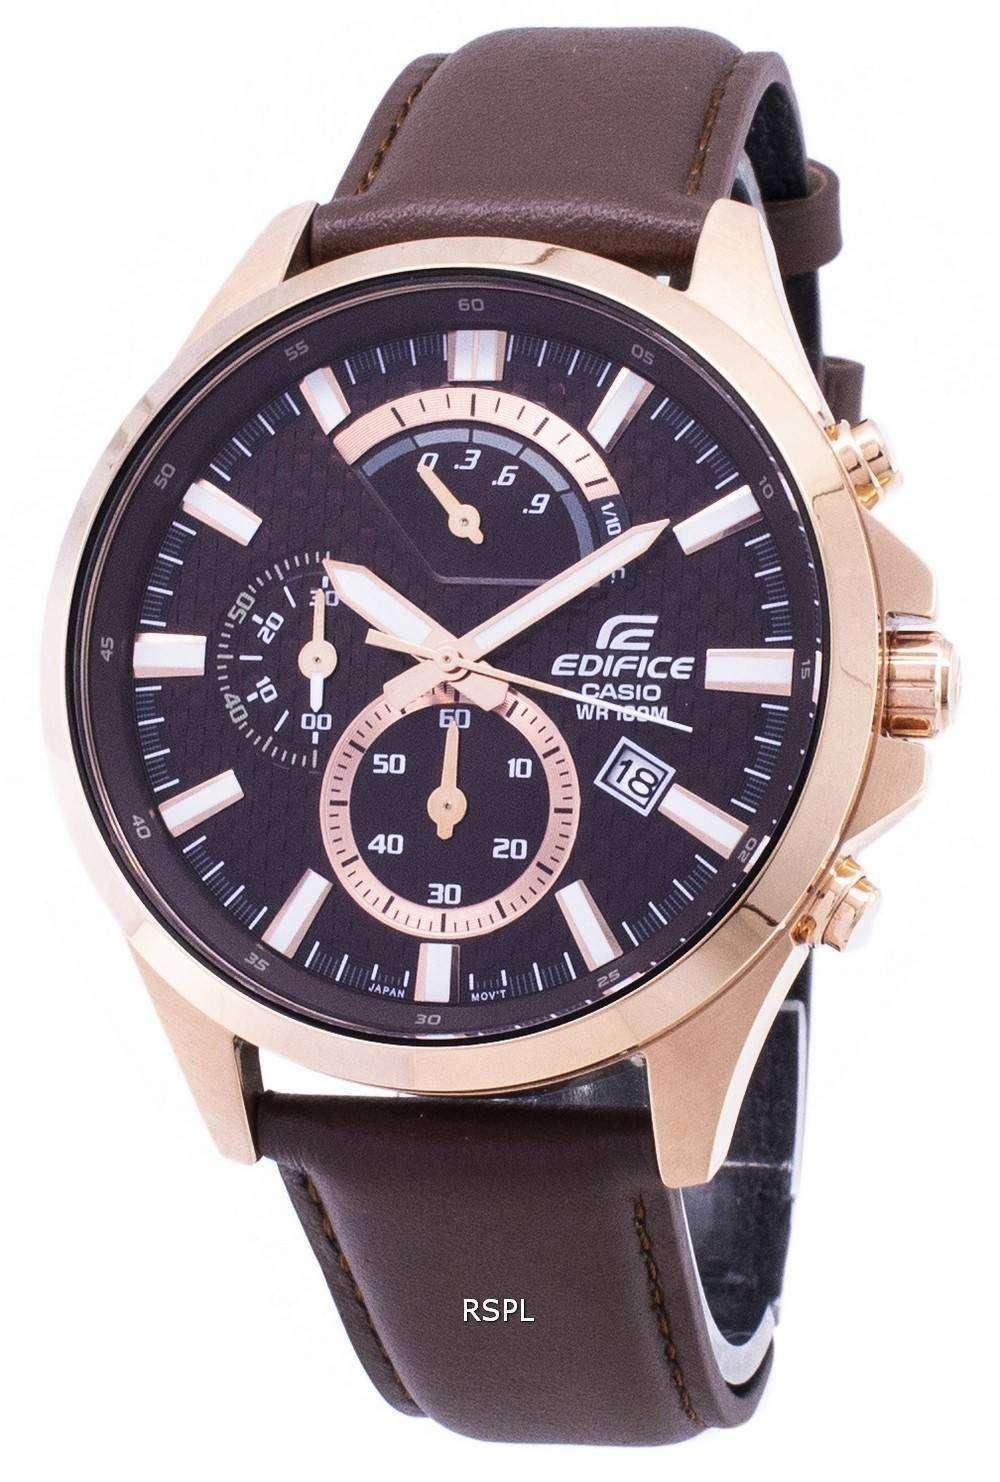 19a25bae5d45 Reloj Casio Edifice Cronógrafo estándar EFV-530GL-5AV cuarzo hombre ...